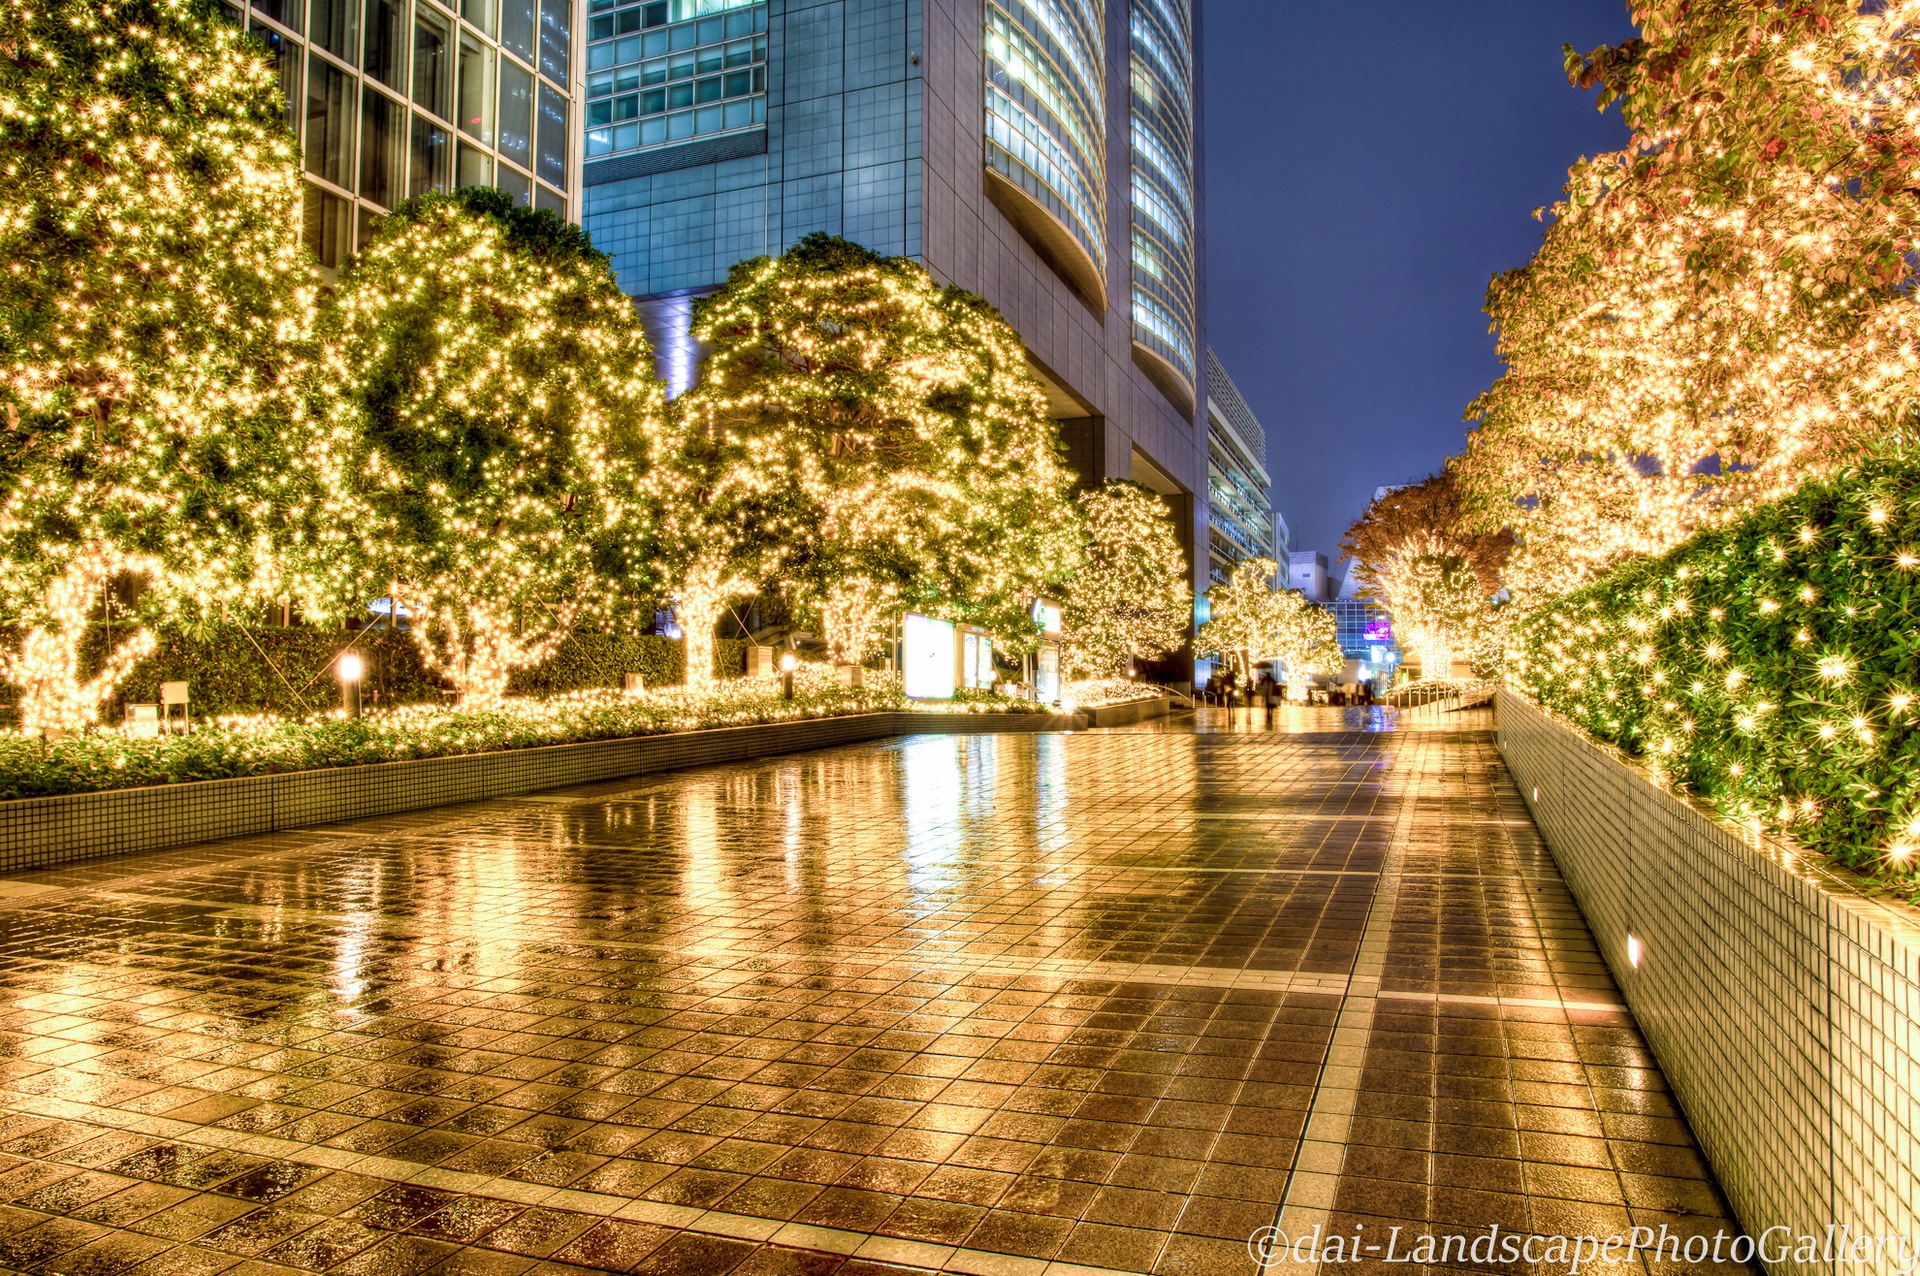 新宿サザンテラス 雨の夜のイルミネーション【HDRi】